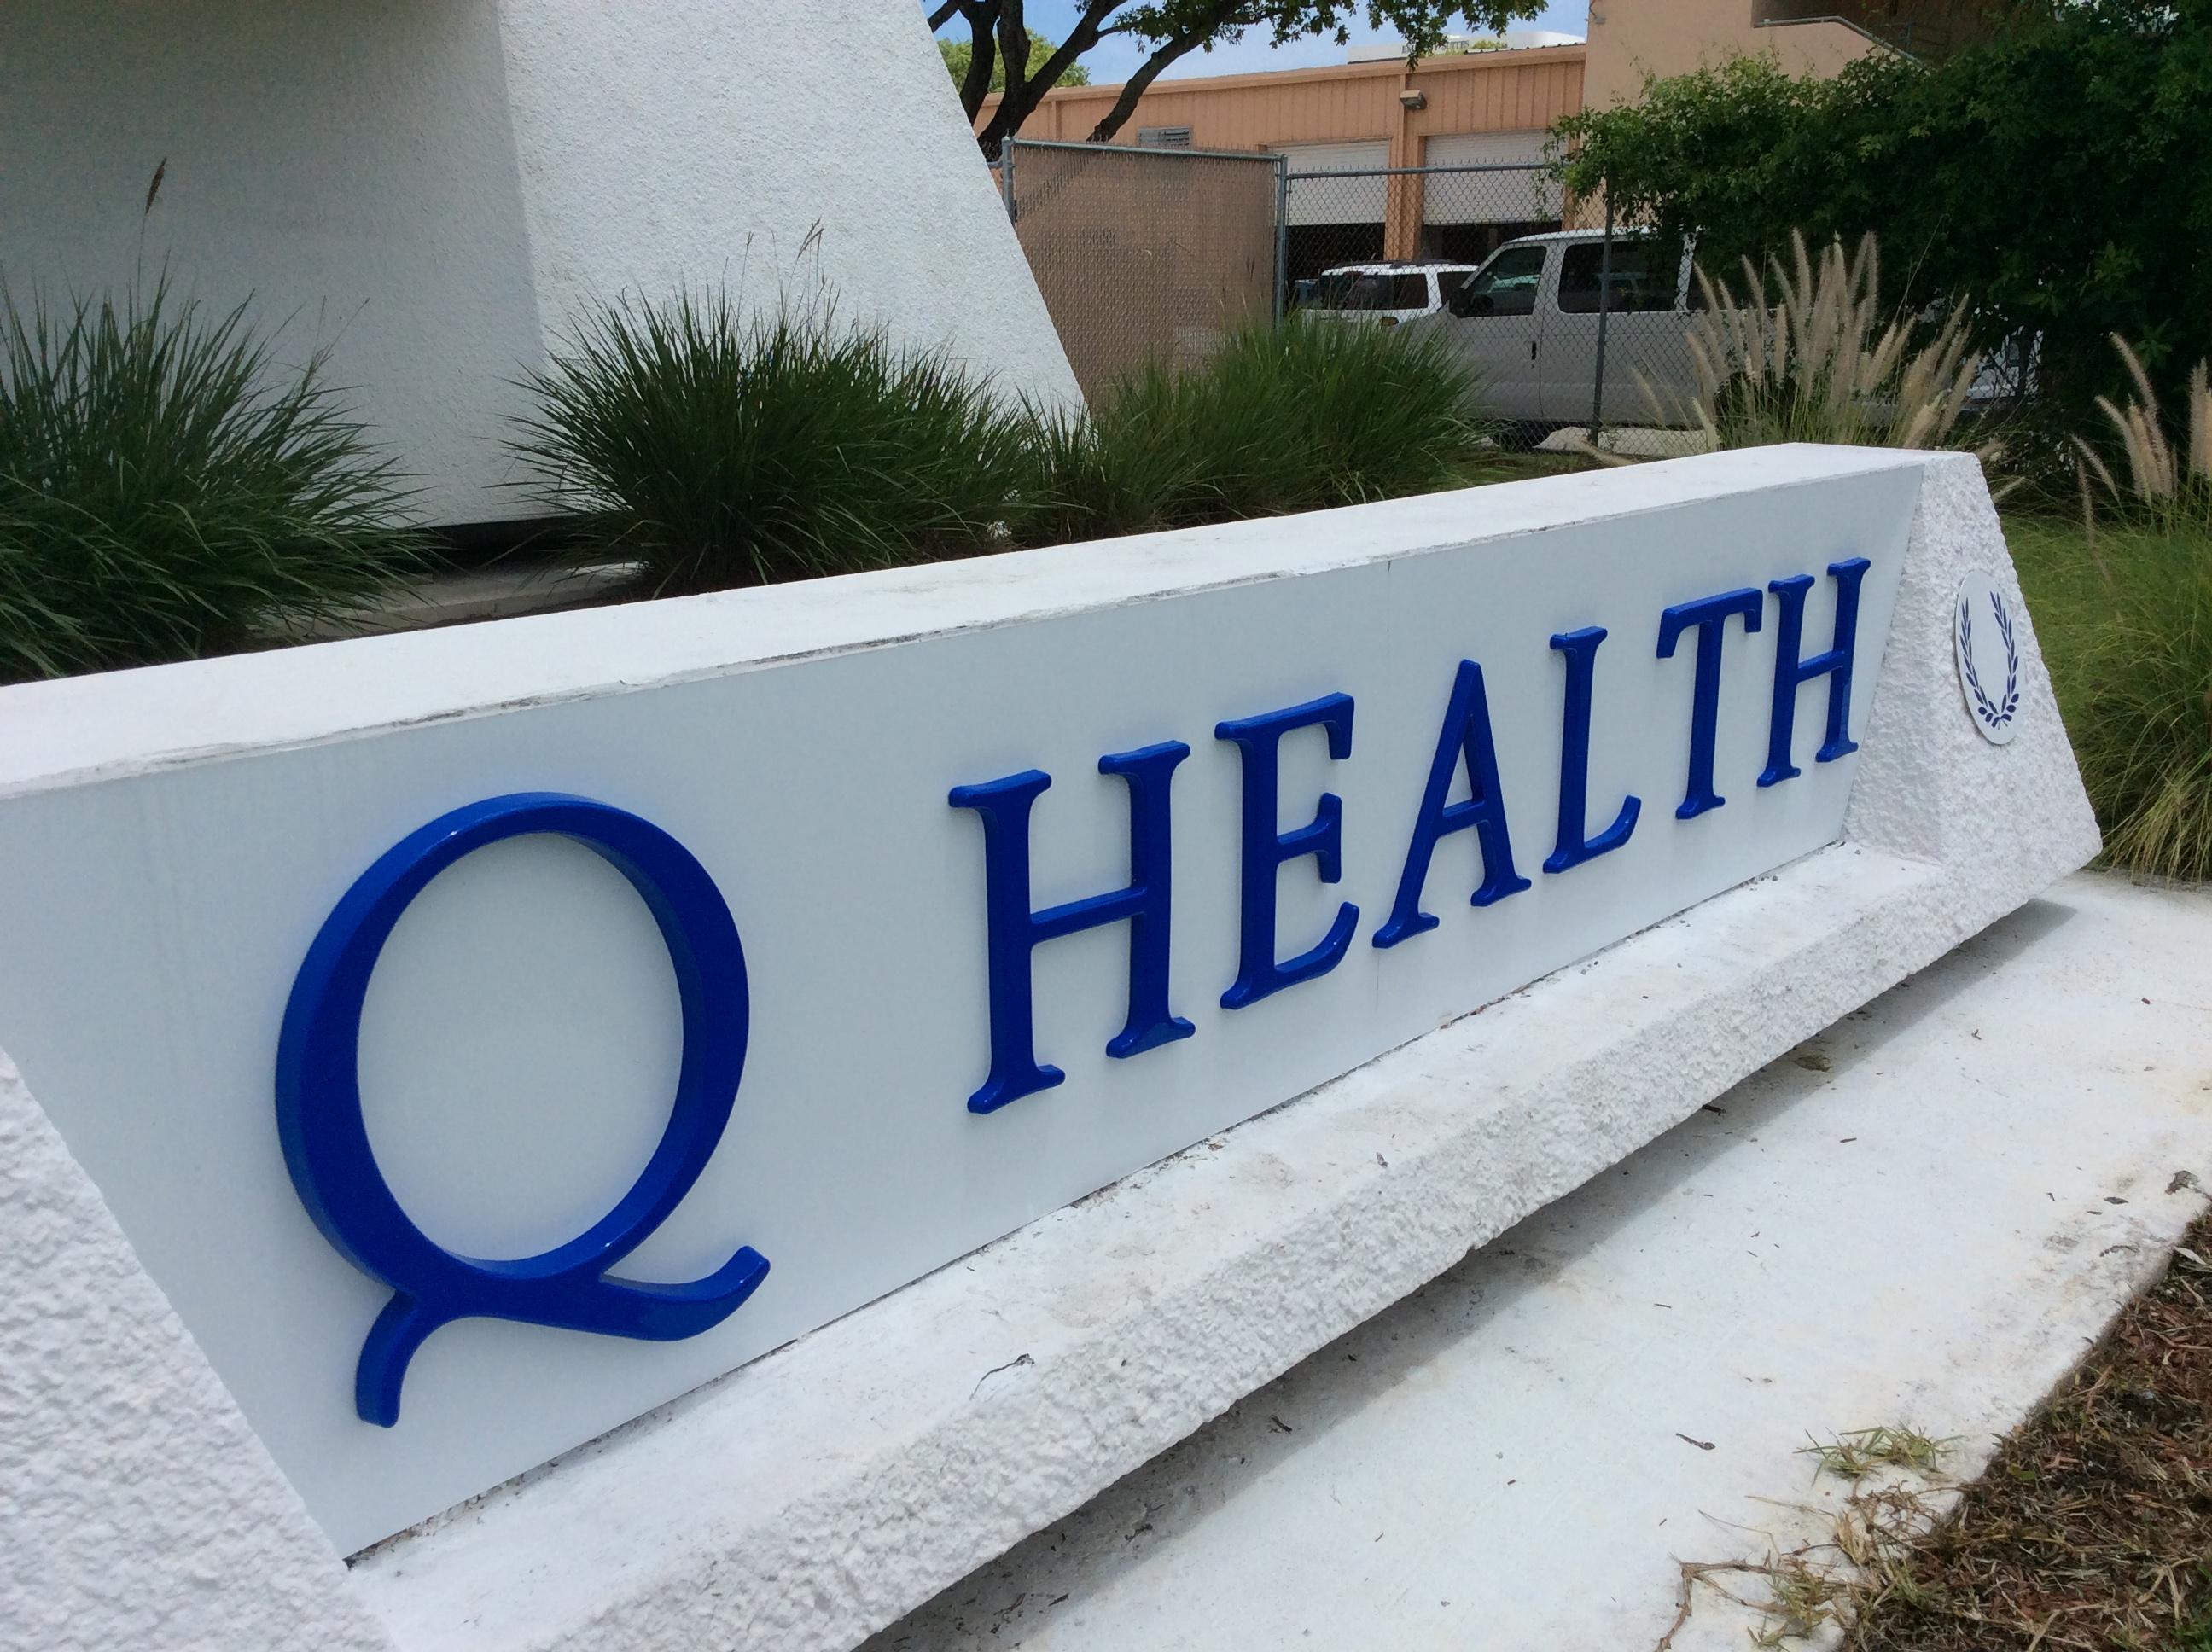 Q Health West Palm Beach